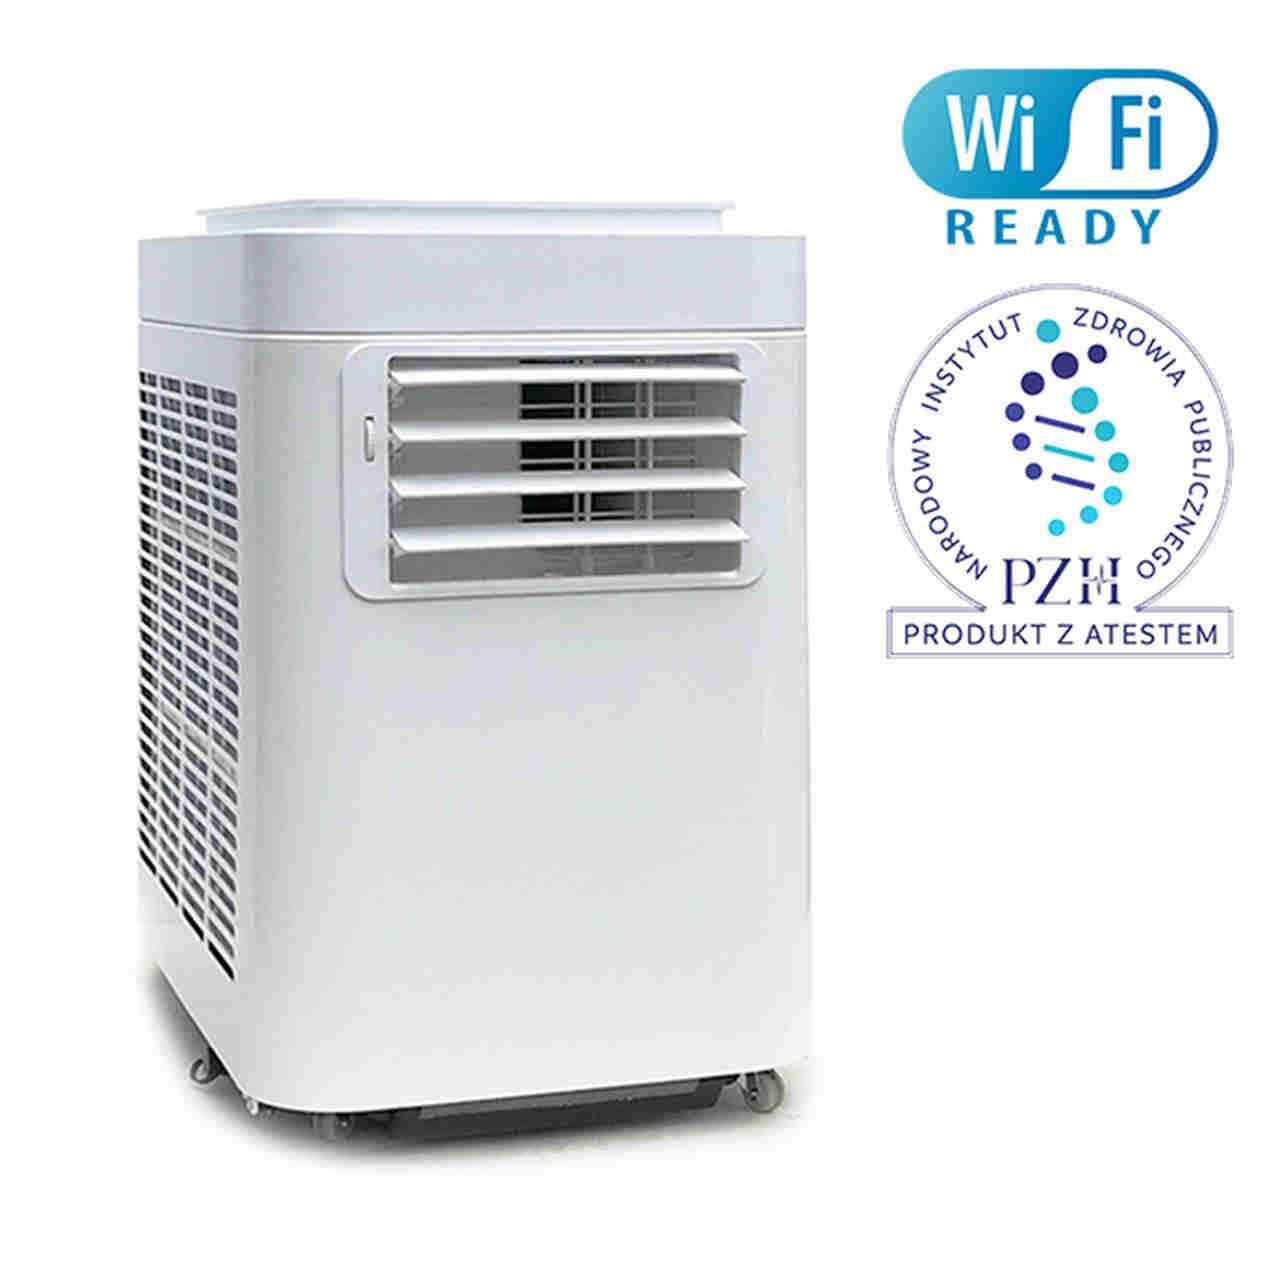 Klimatyzator Fral FSC 09C przenośny